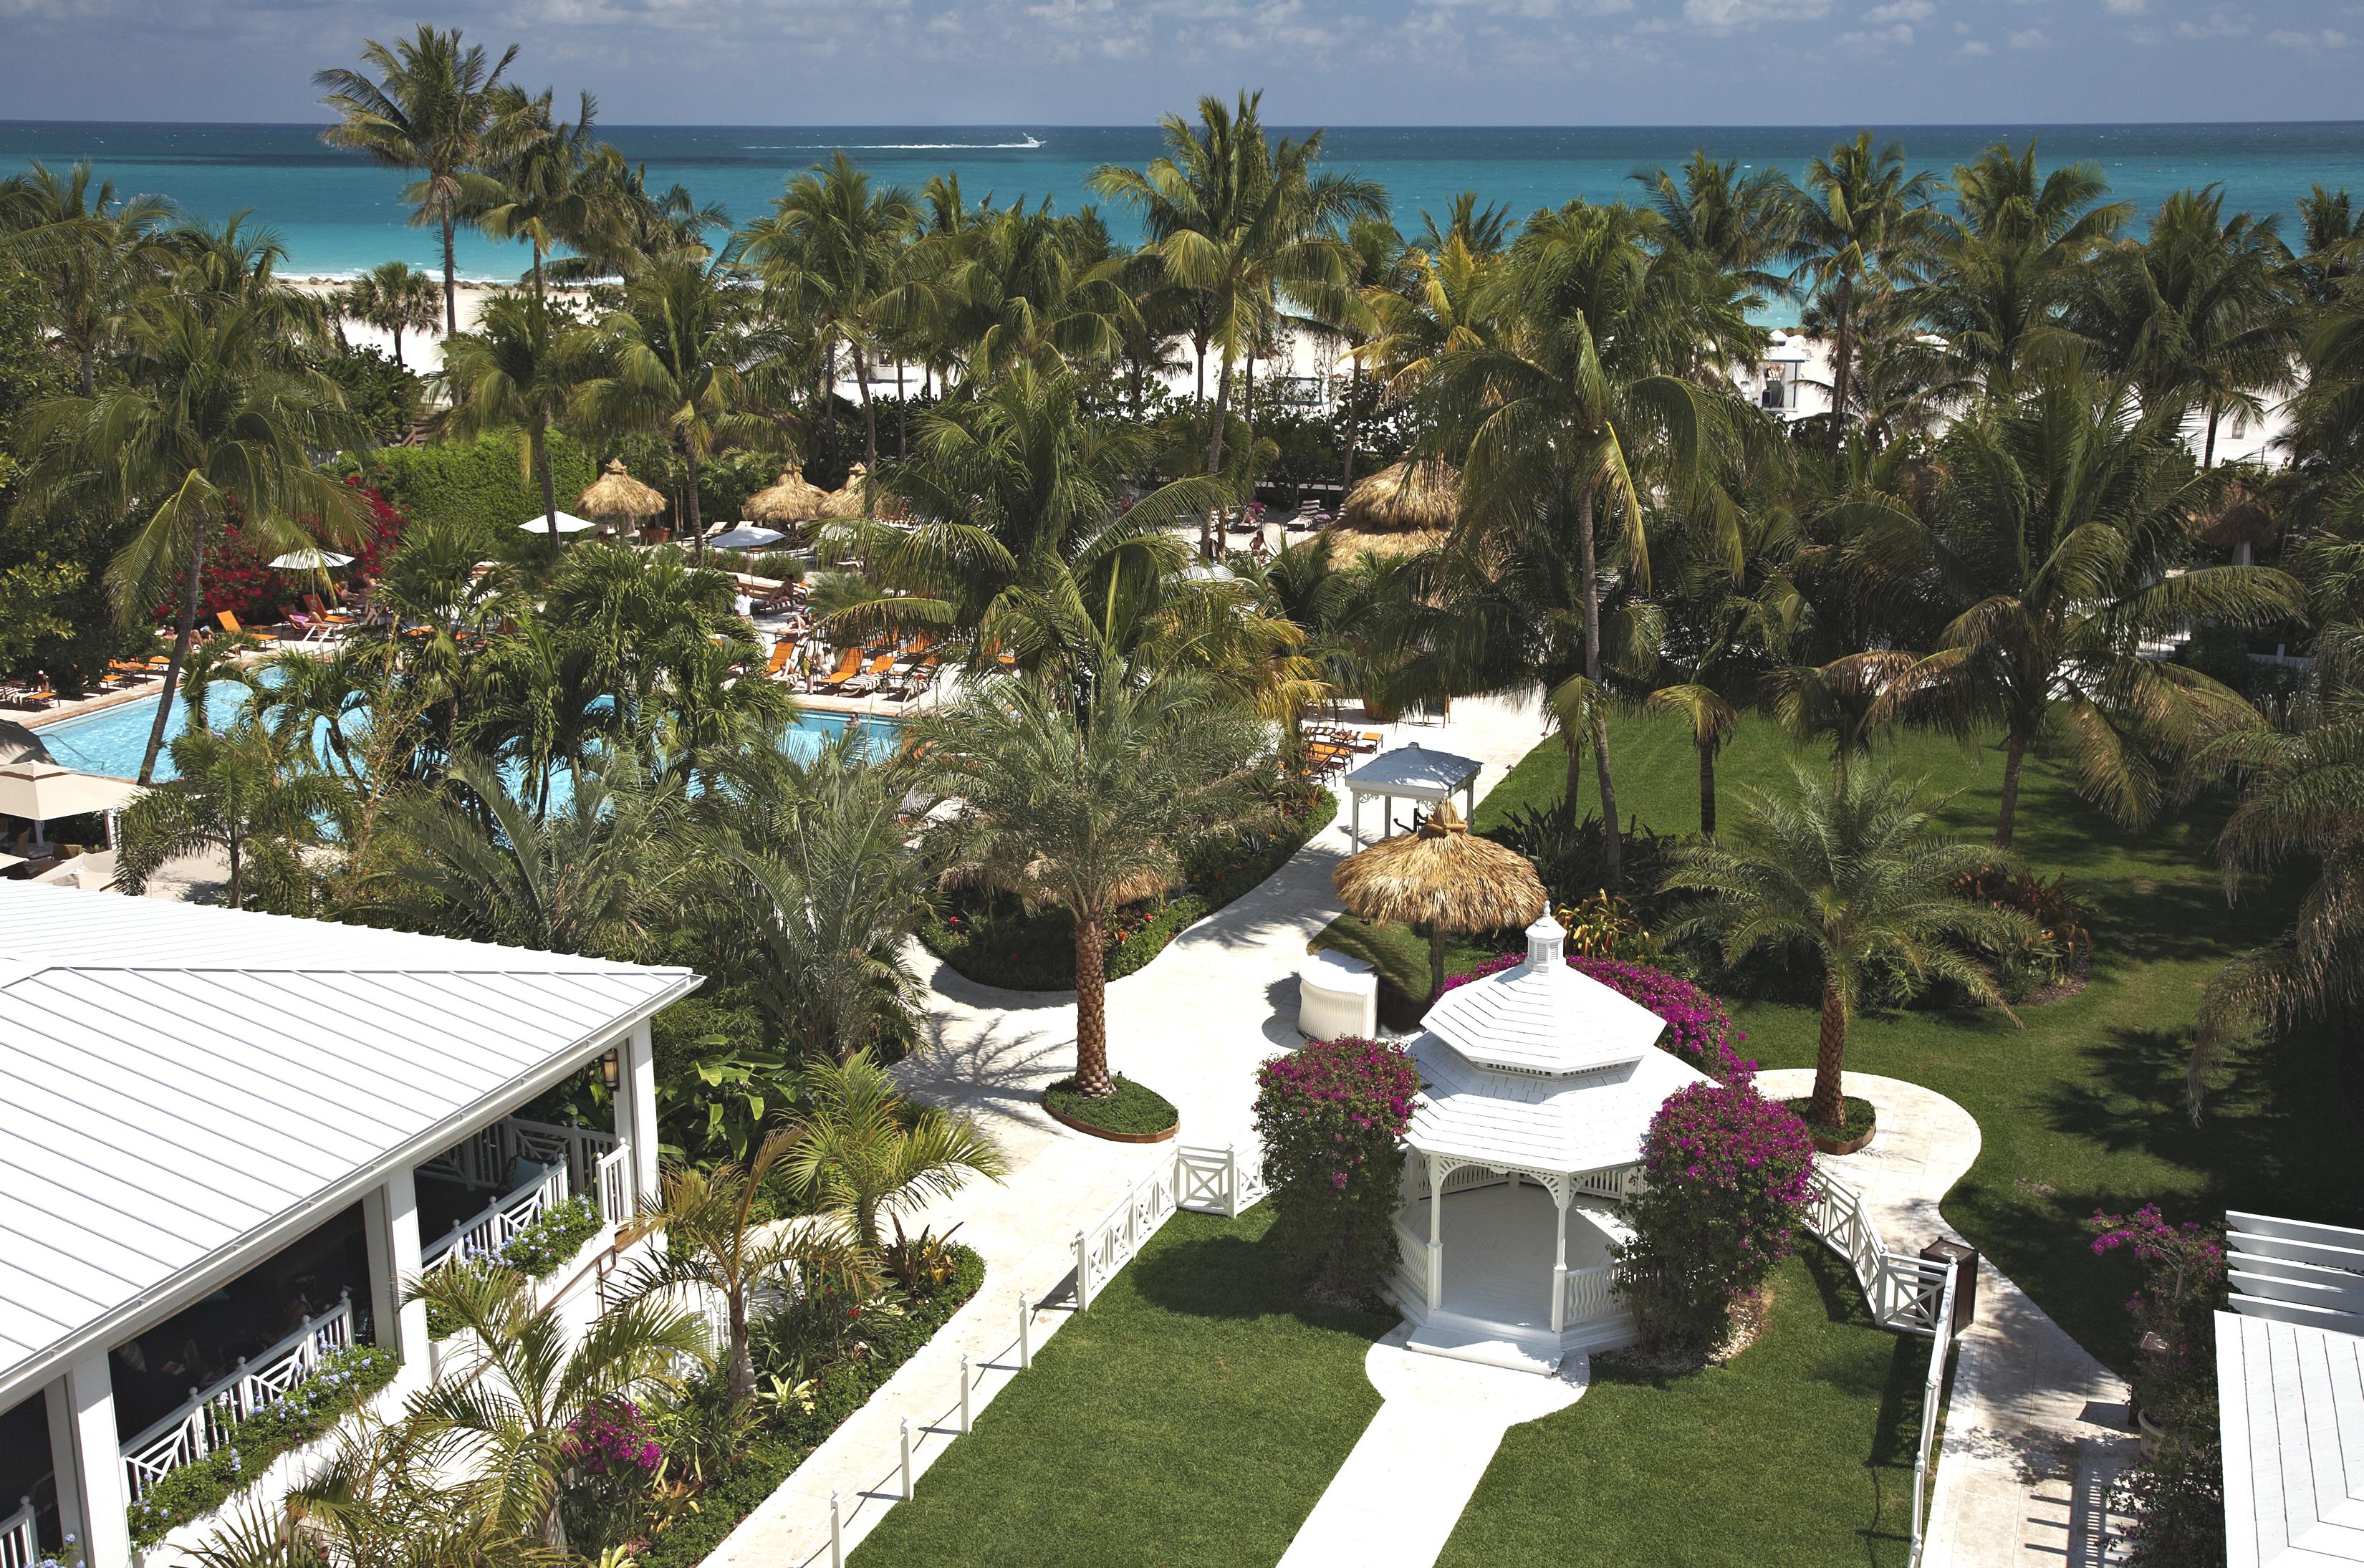 The Palms Hotel & Spa Garden Miami - Get Ink Pr